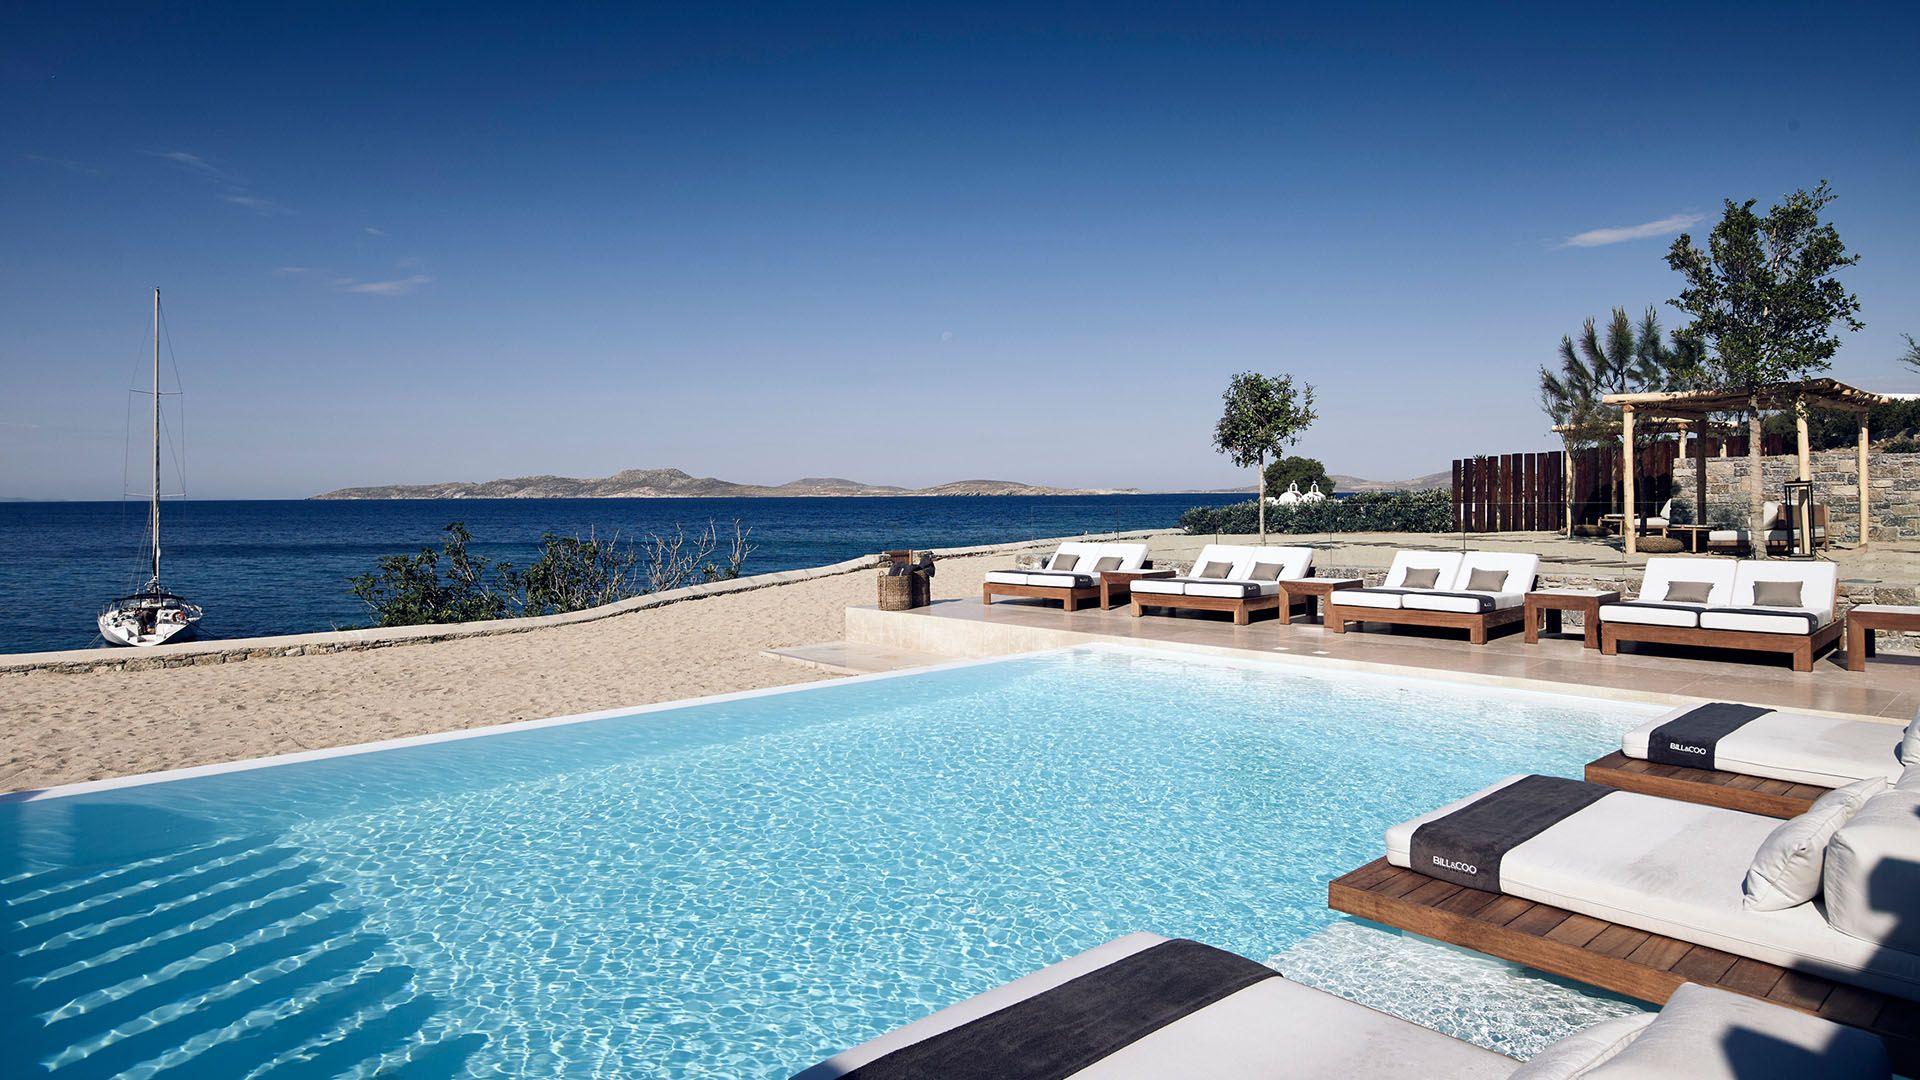 Bill Coo Mykonos Mykonos Hotels Pool Mykonos